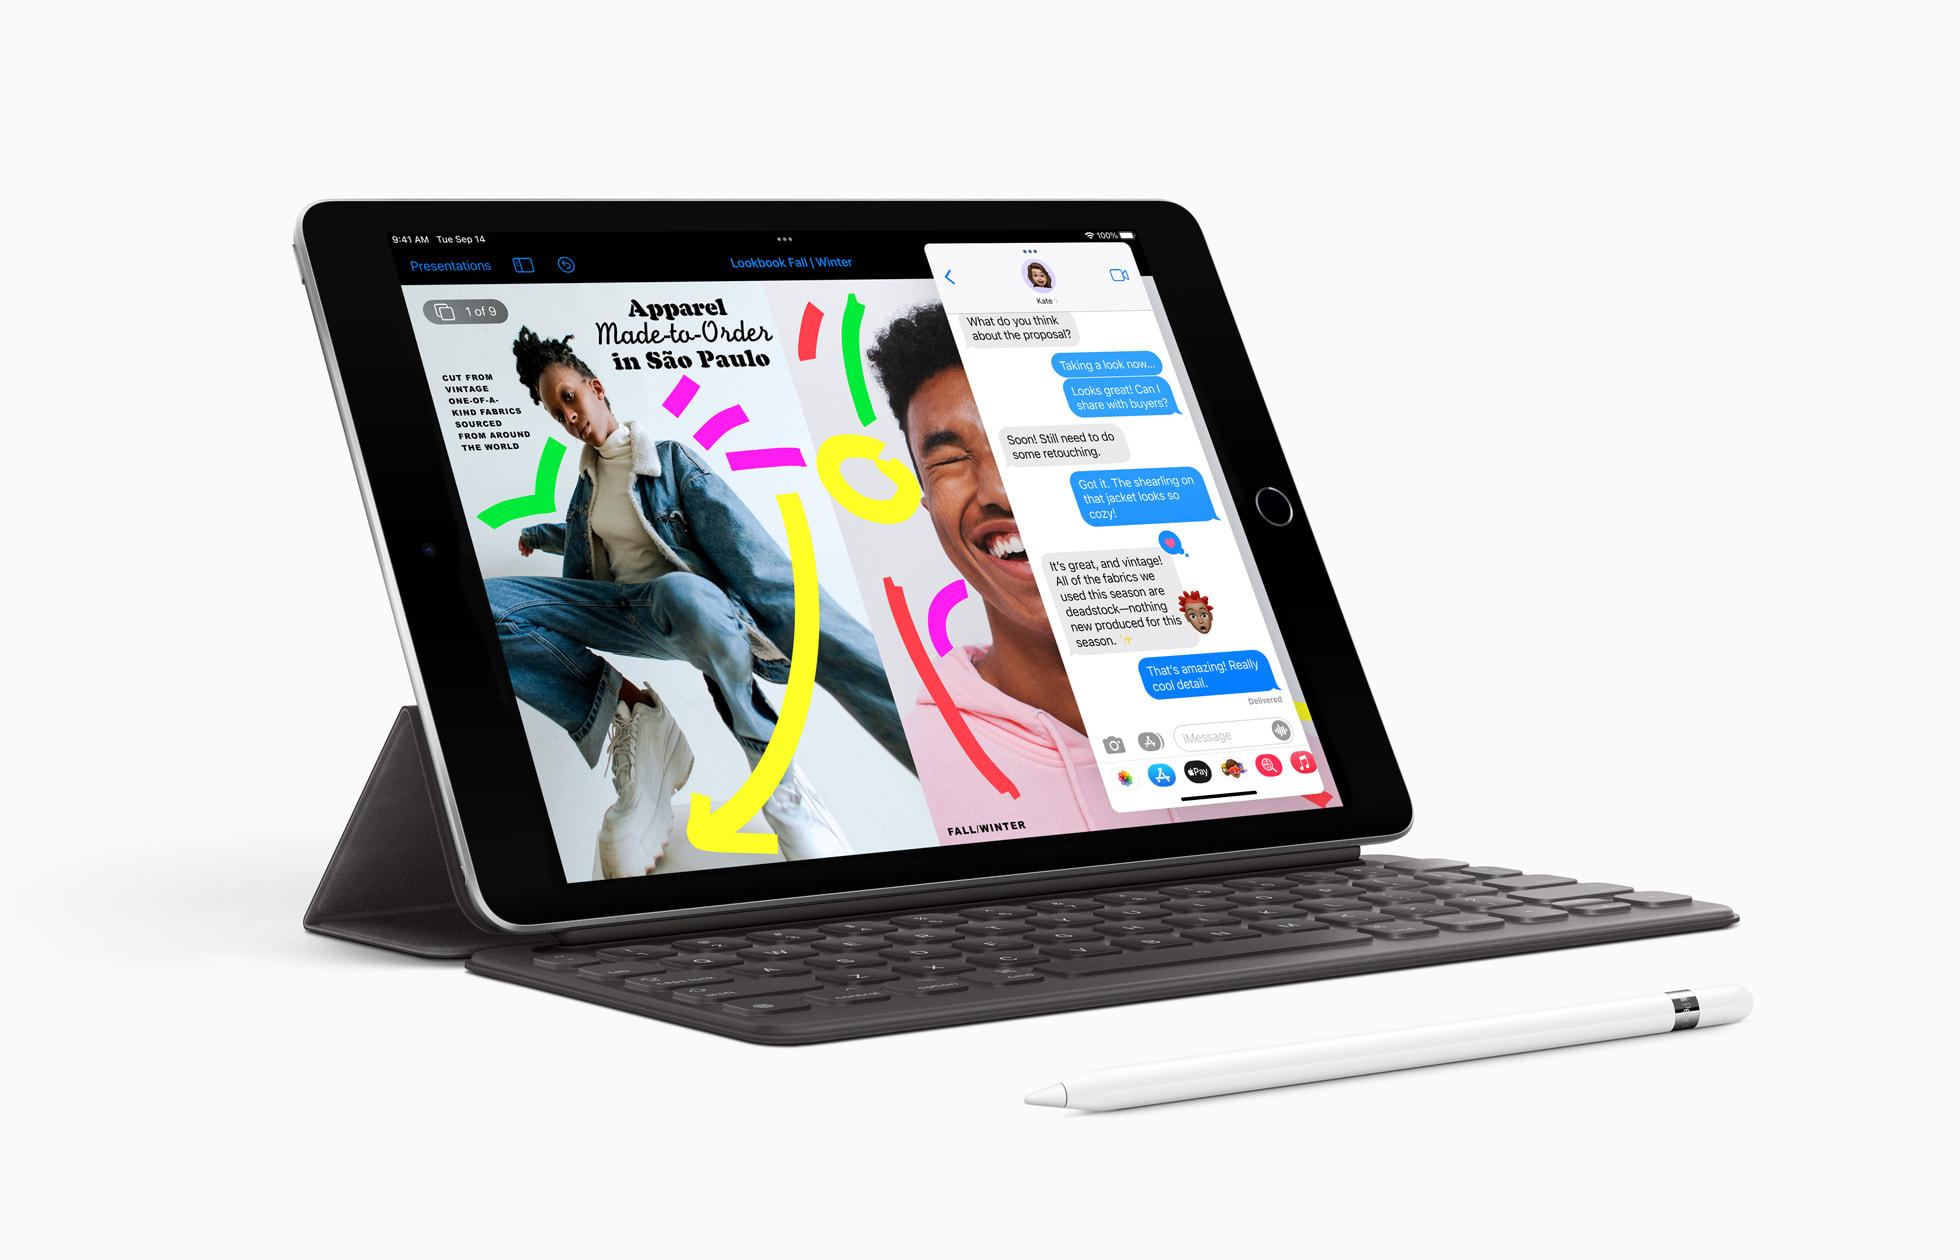 回顾2021苹果秋季发布会:苹果发布首部支持一站式专业影像iPhone 13系列手机